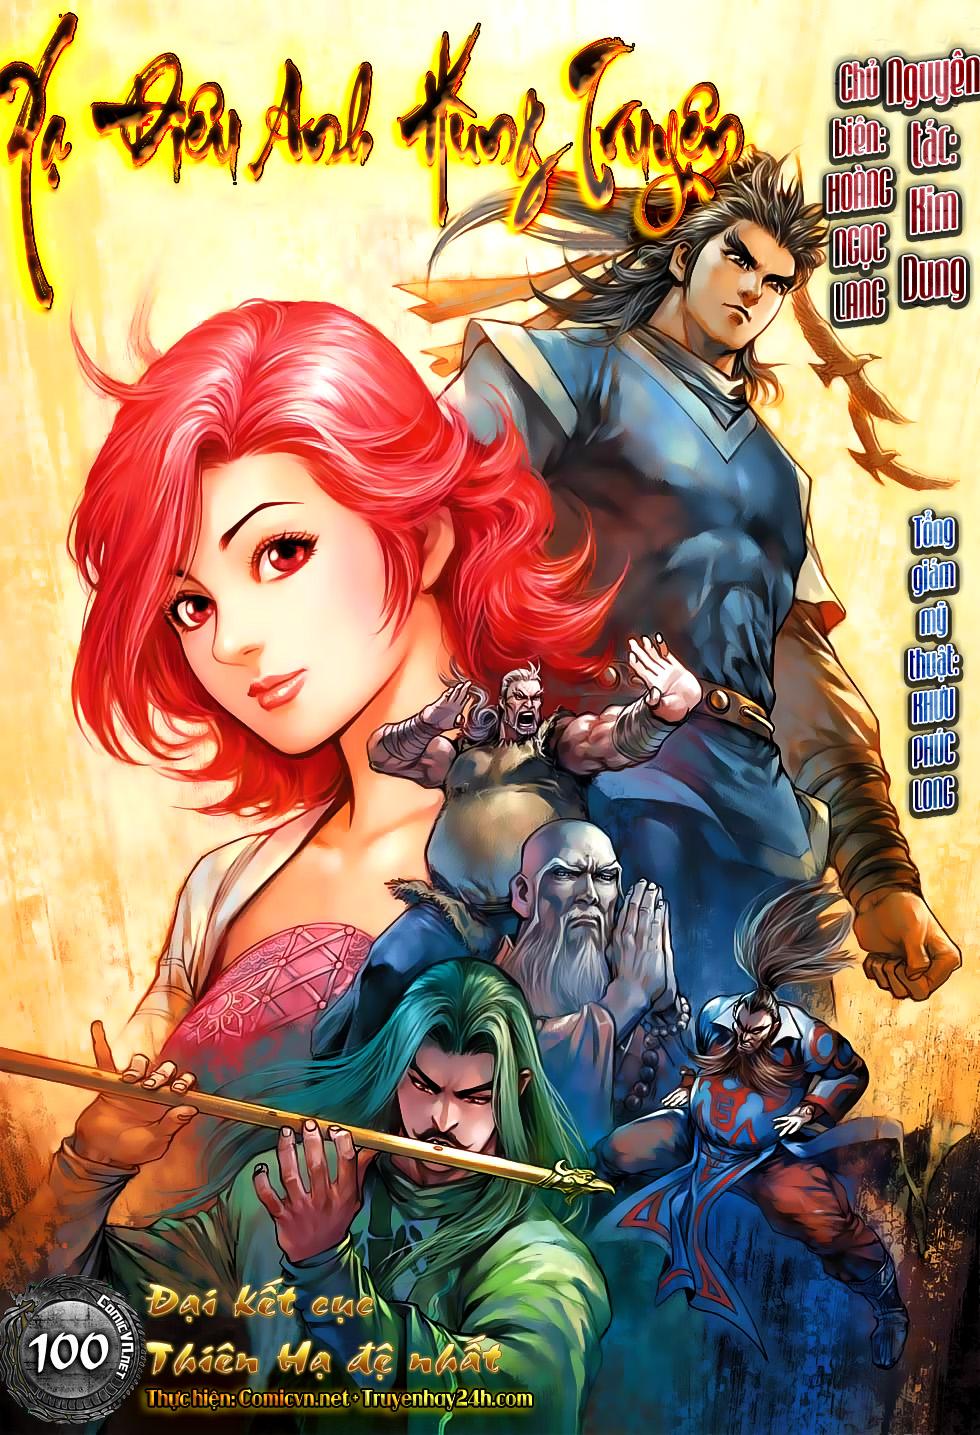 Anh Hùng Xạ Điêu-Chapter 100: Thiên Hạ đệ nhất page 1 ...